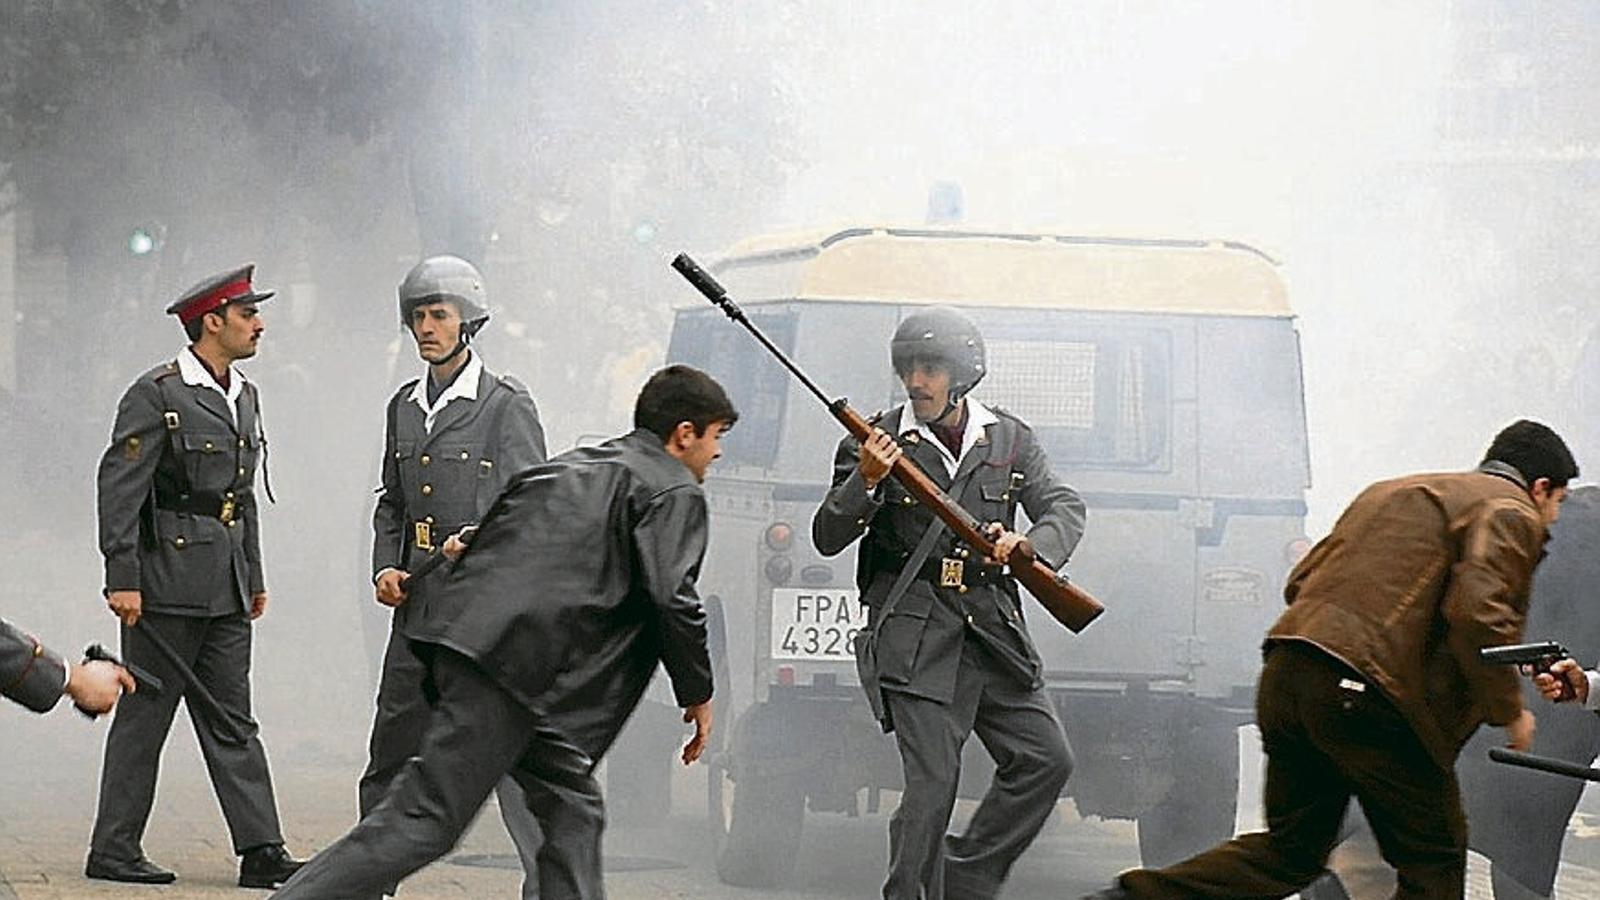 Una imatge del rodatge de la pel·lícula Vitoria, 3 de marzo que s'ha rodat aquest octubre i novembre a la capital alabesa.